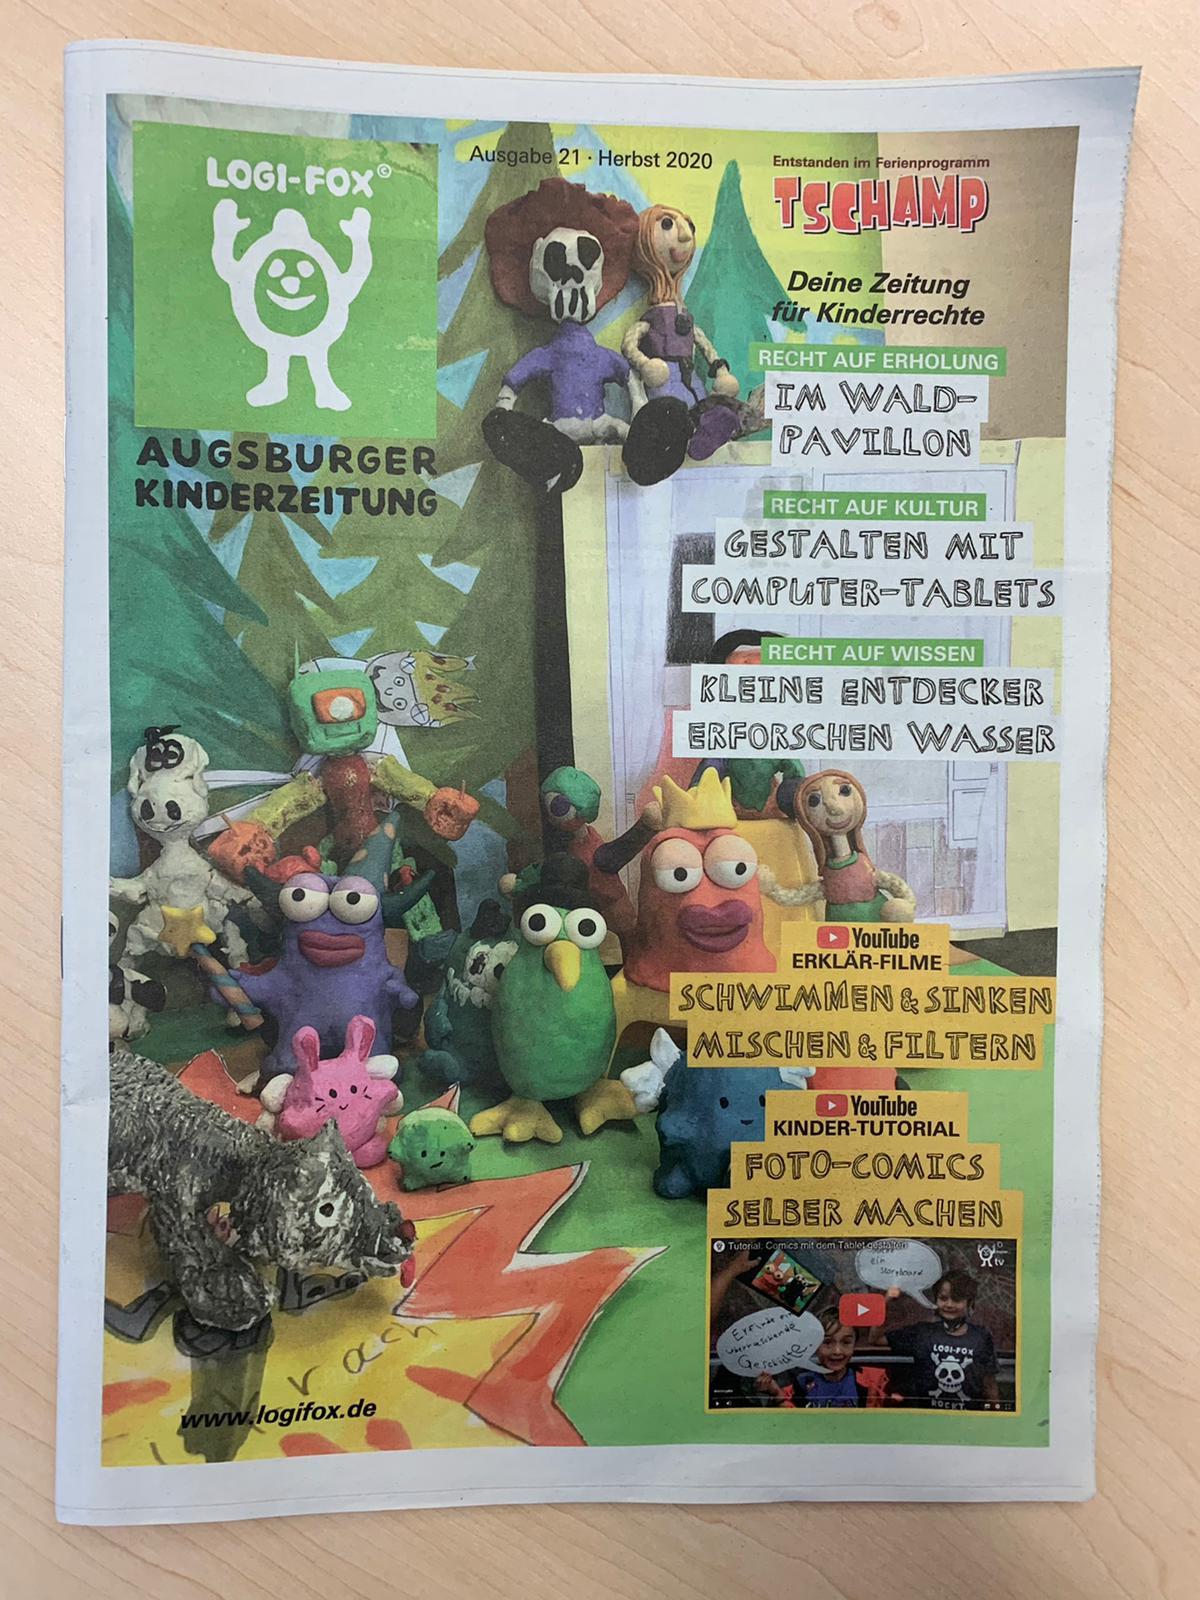 Logi-Fox Augsburger Kinderzeitung